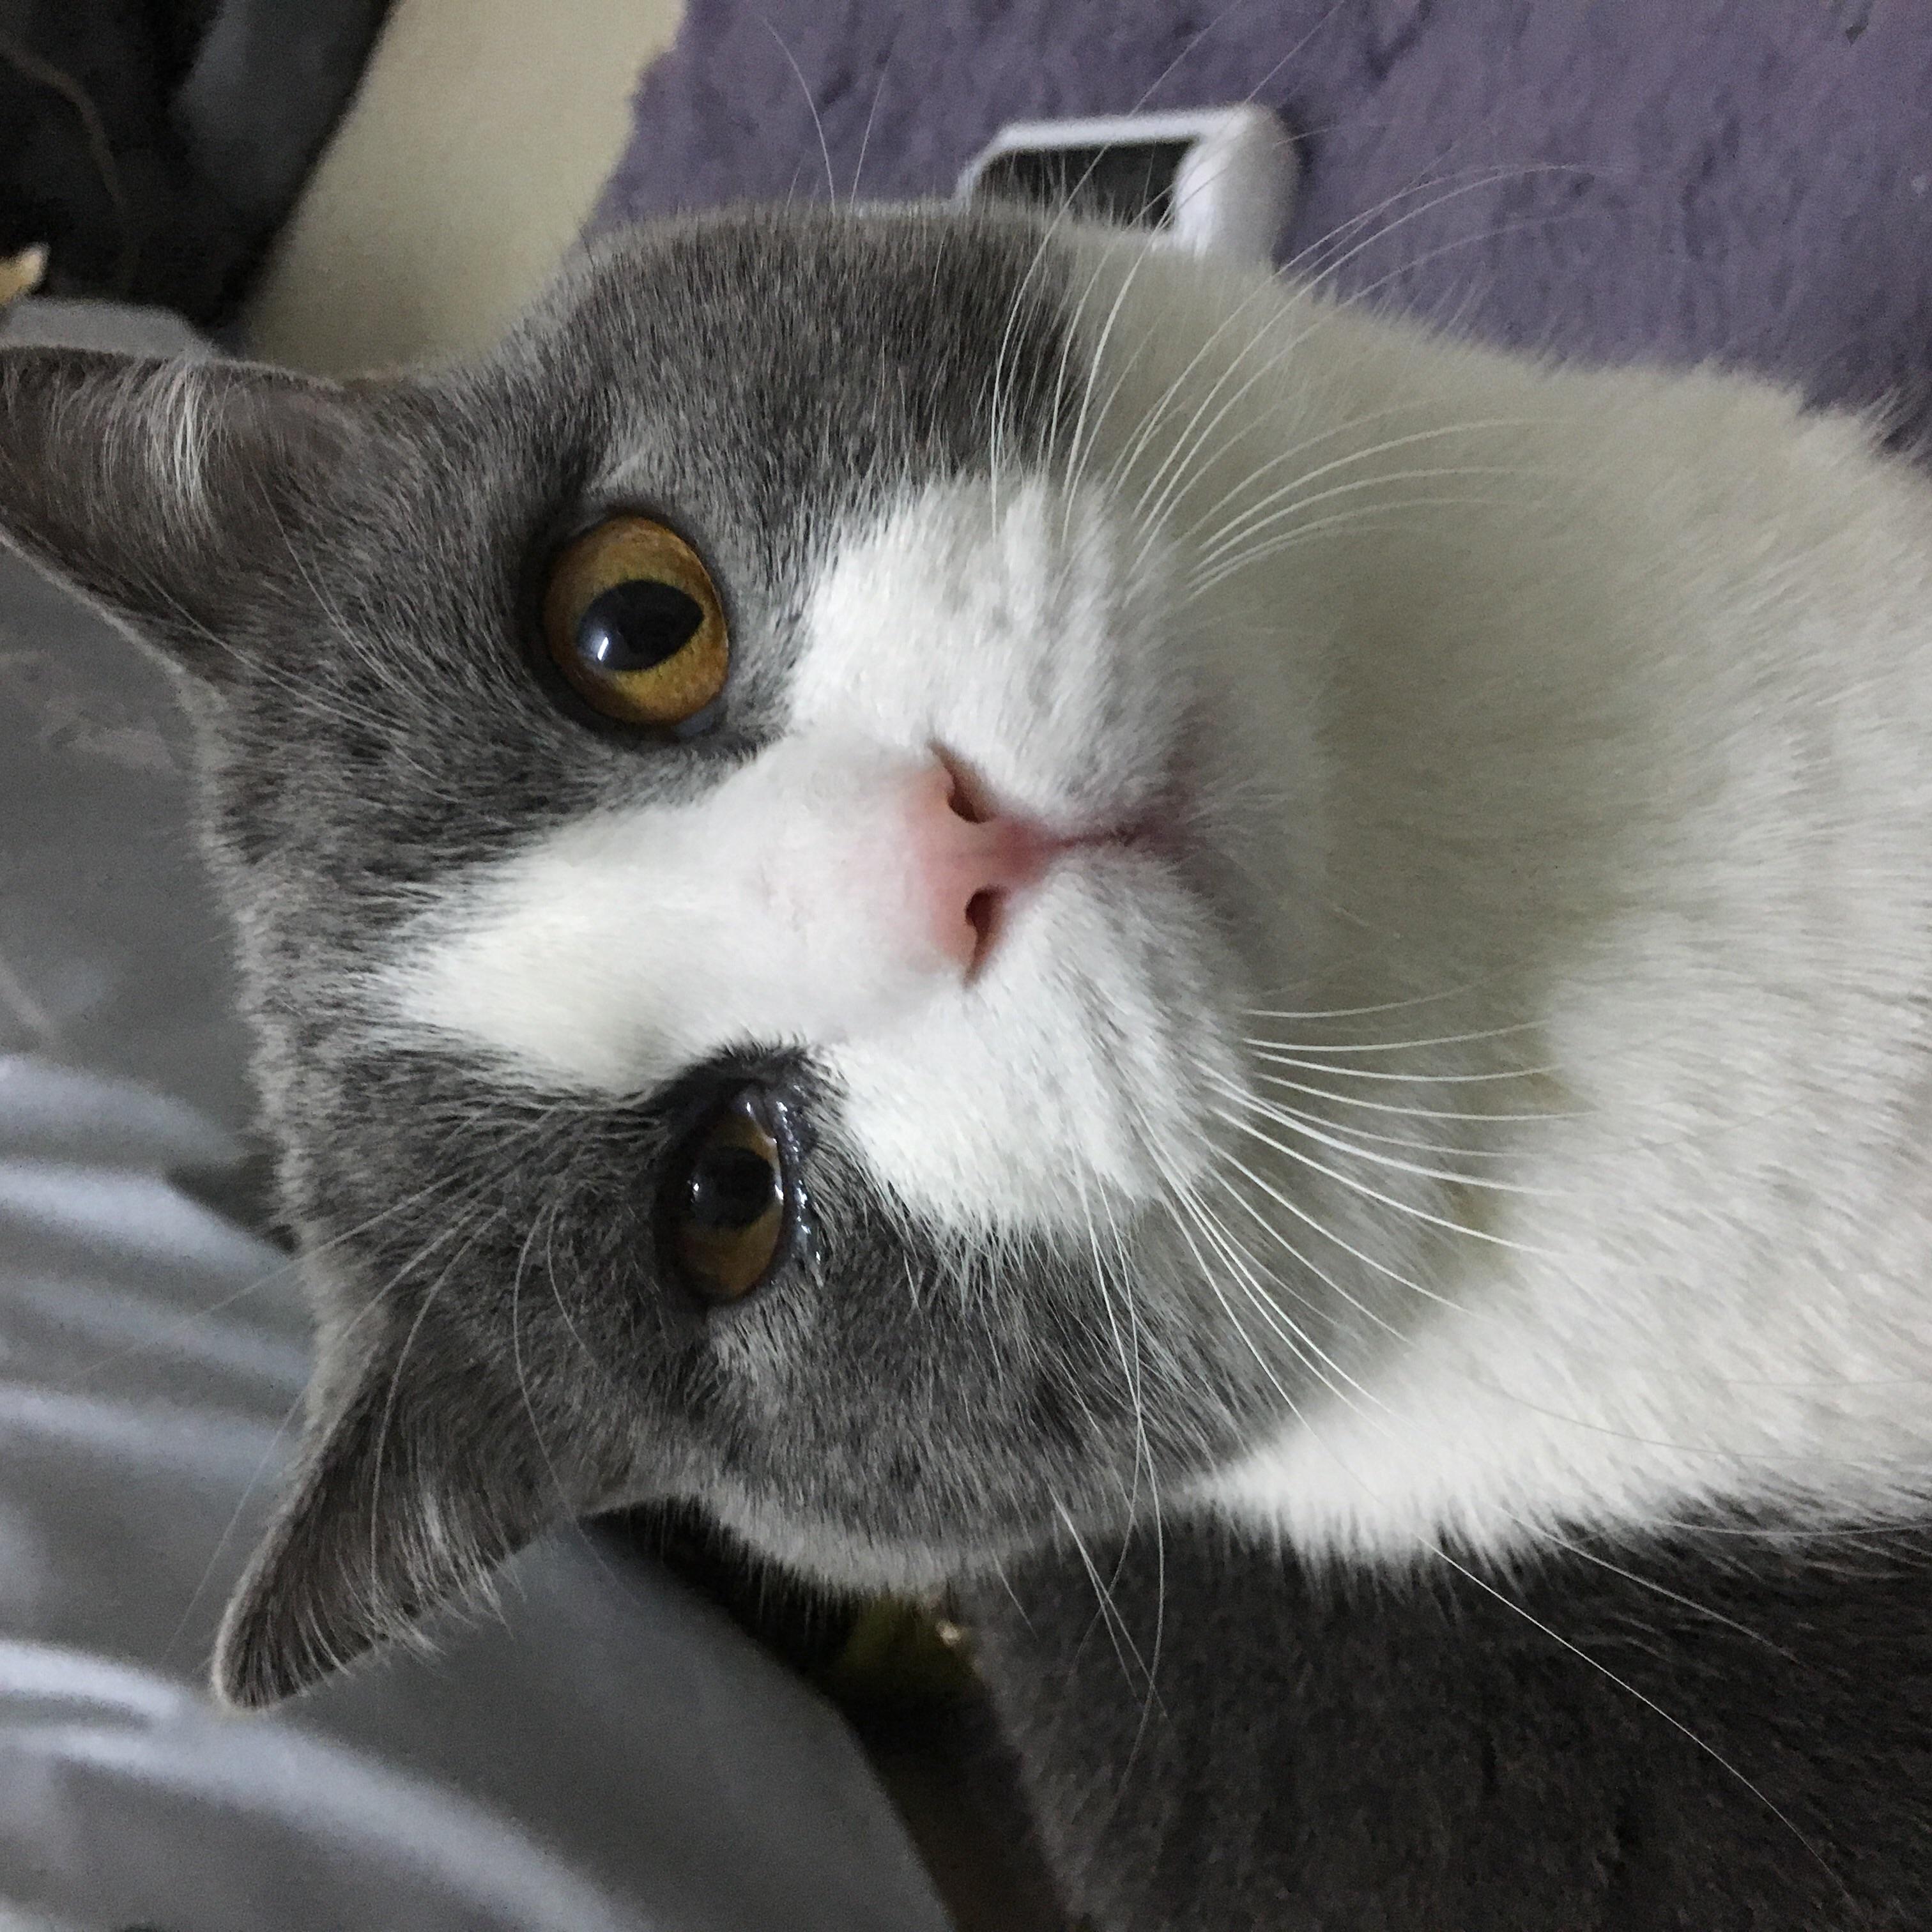 猫咪眼睛有泪水睁不开